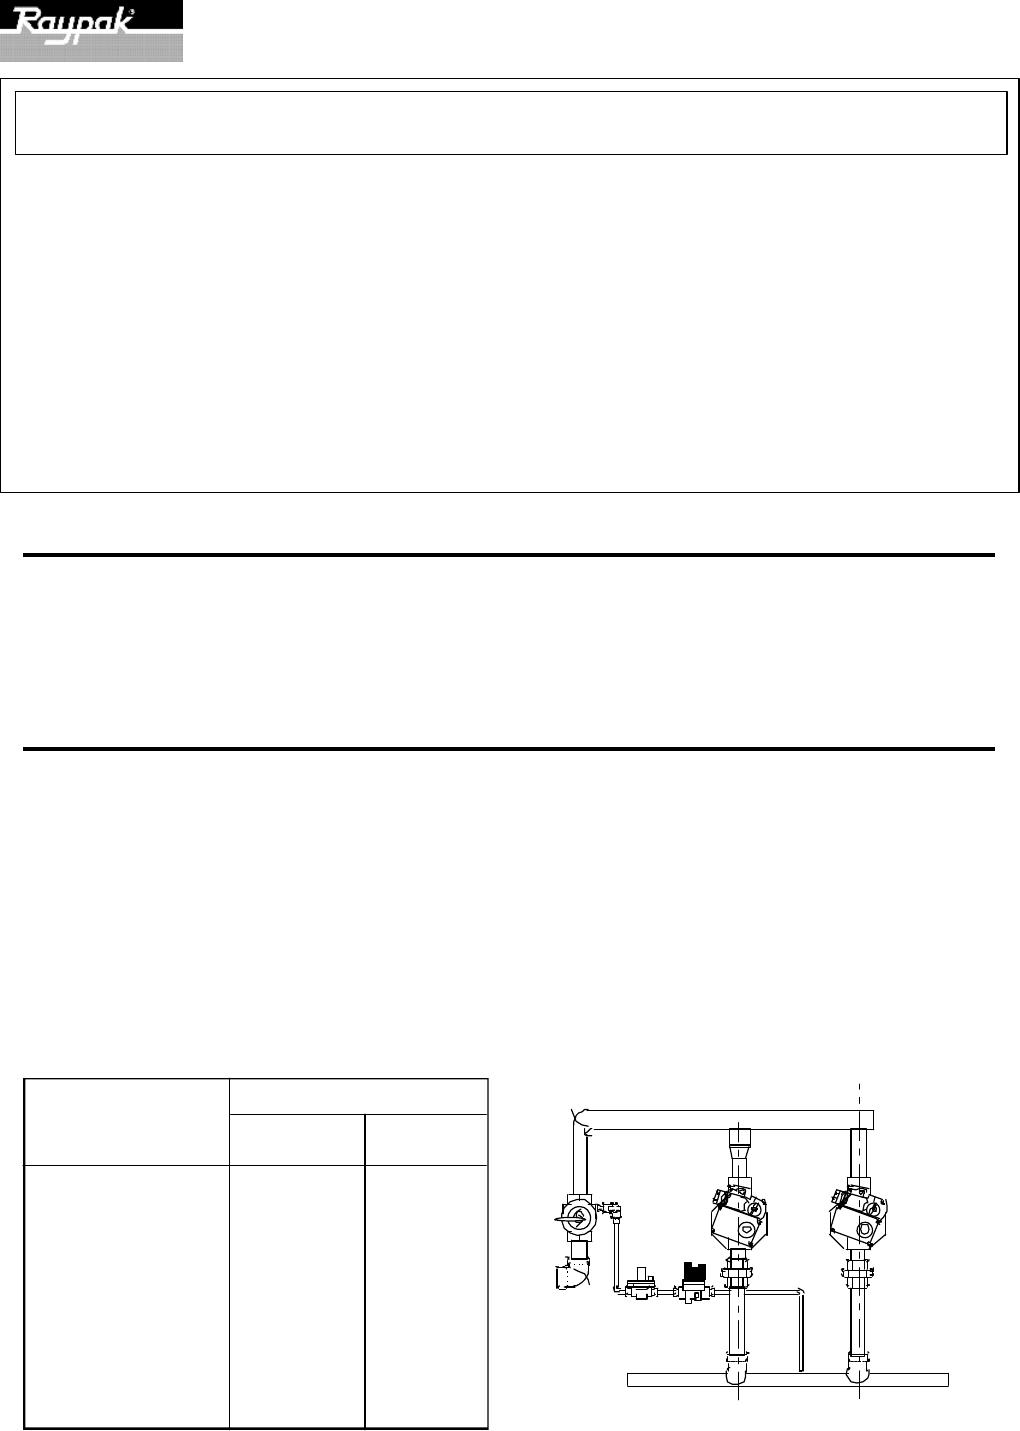 raypak rp2100 wiring diagram wiring diagramraypak rp2100 wiring diagram best wiring libraryraypak rp2100 wiring diagram free download wiring diagrams raypak 2100